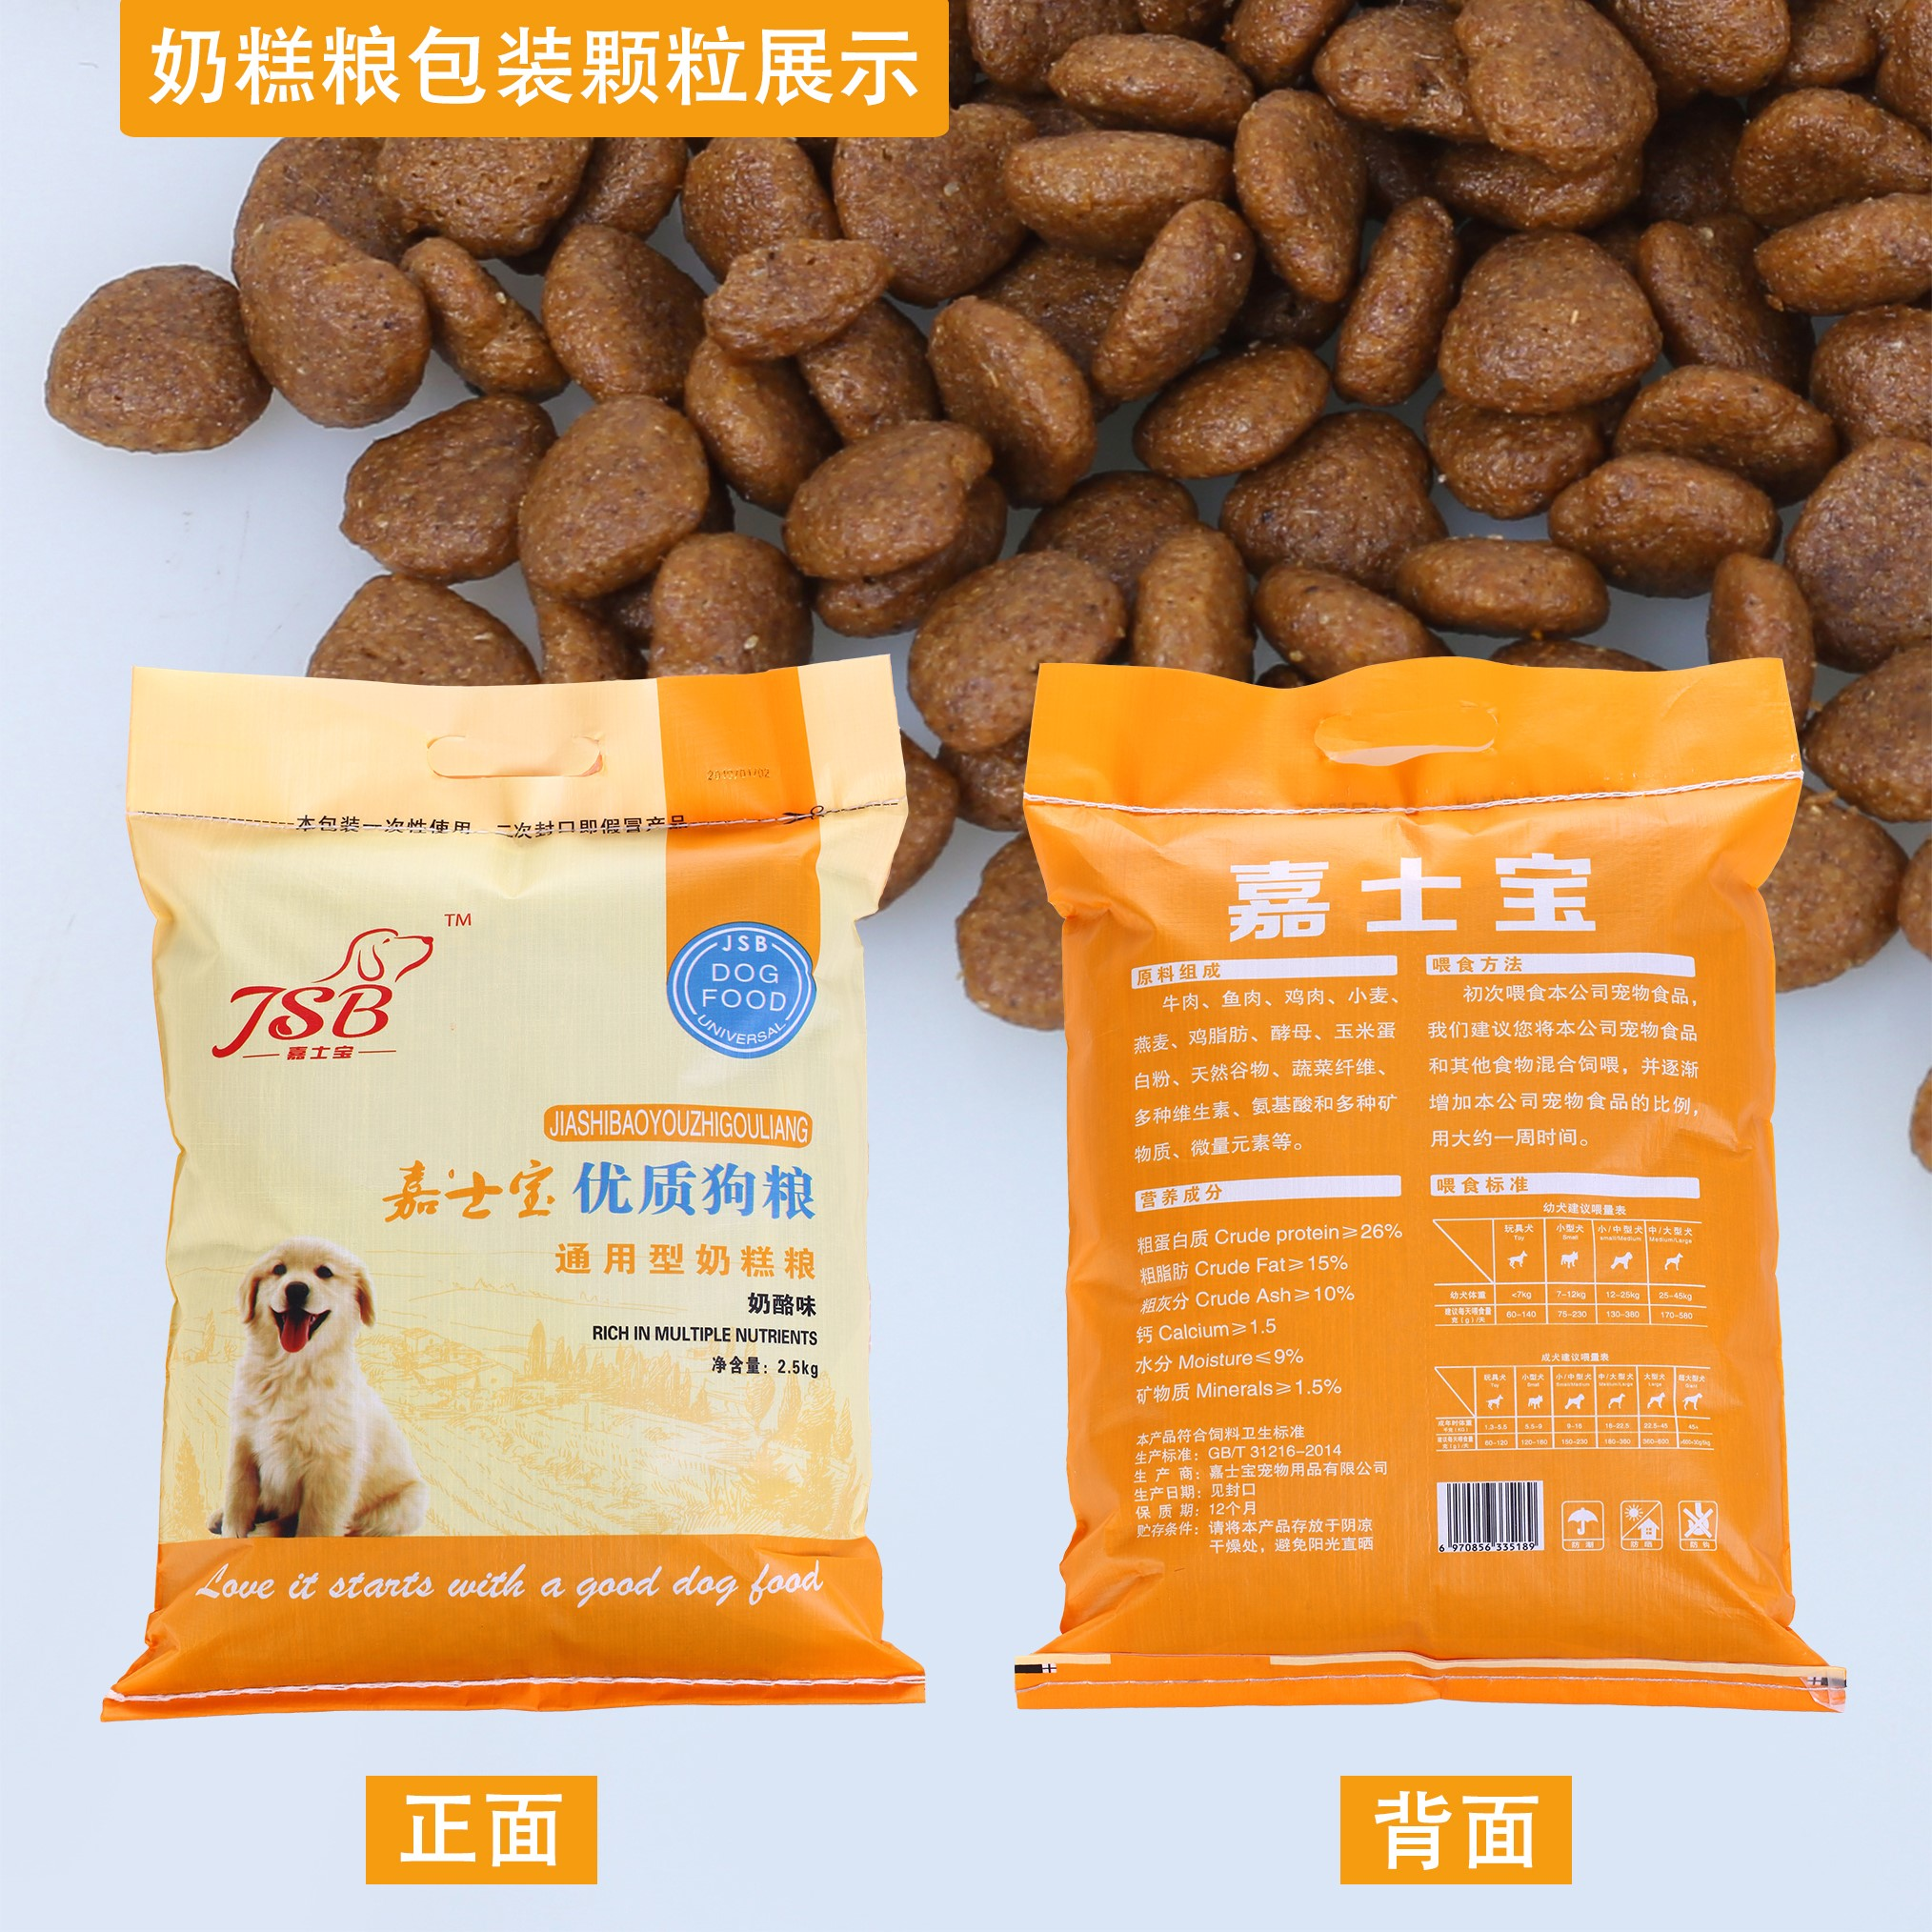 泰迪5斤包邮厂家直销狗粮萨摩耶金毛哈士奇土狗成犬低敏天然2.5kg优惠券